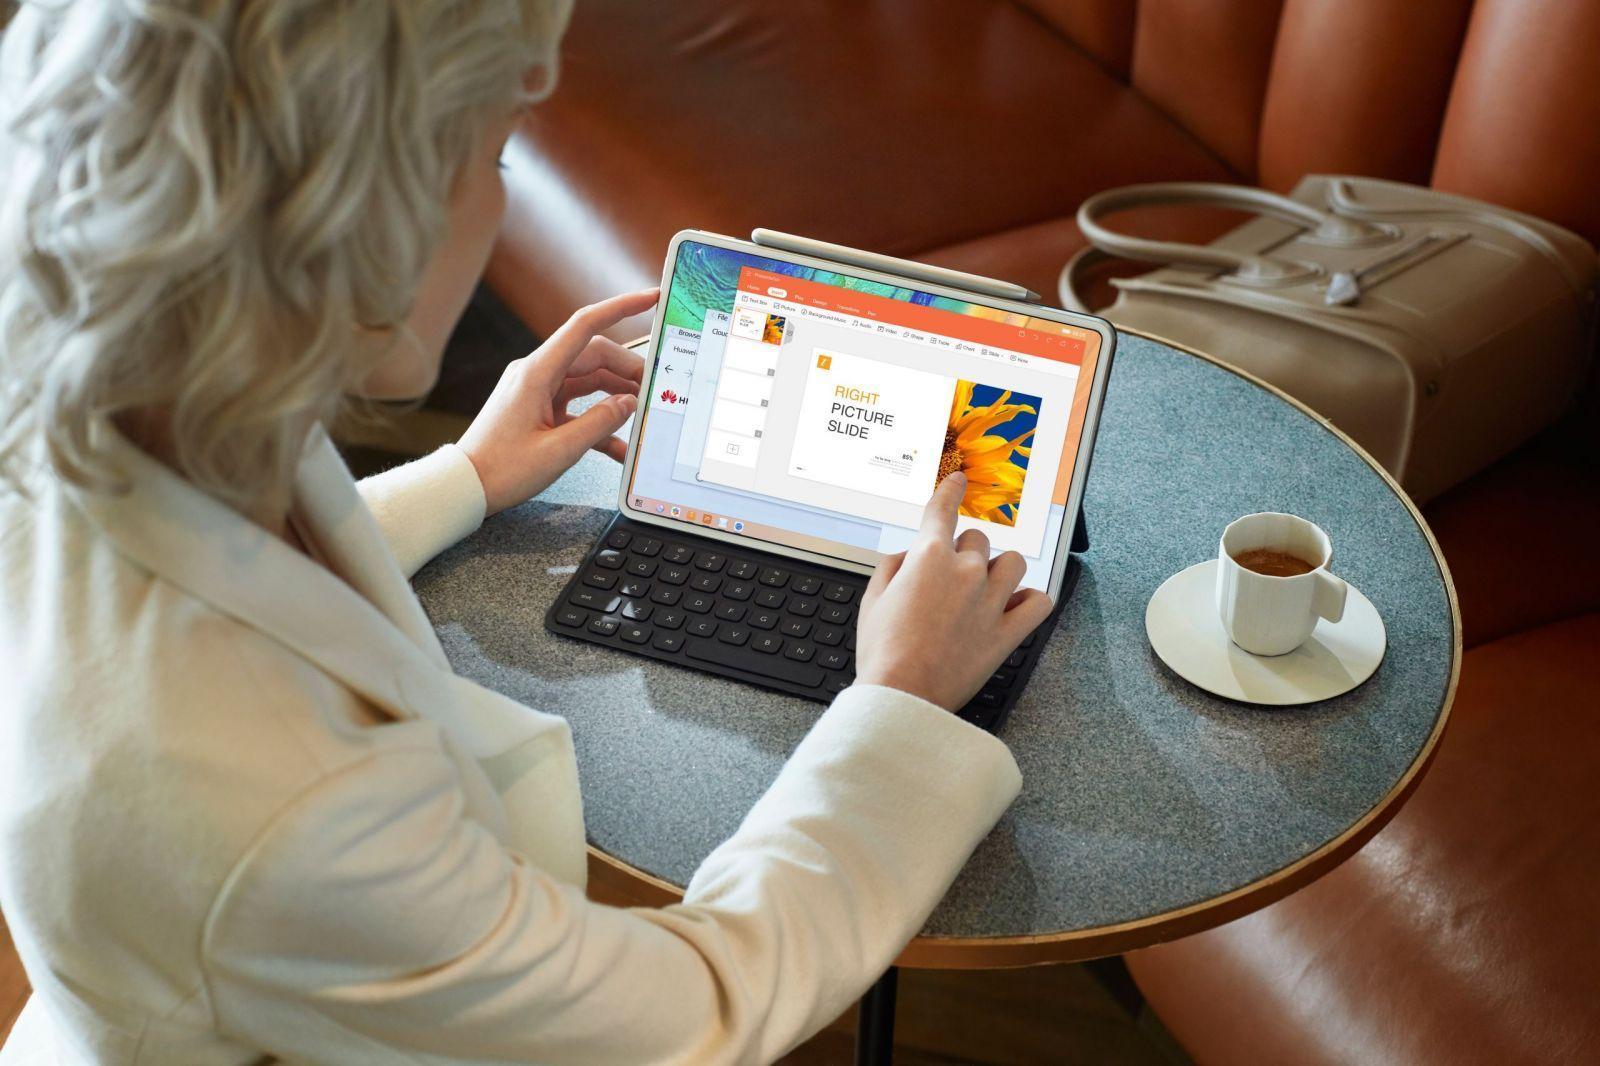 HUAWEI запустил предзаказ на планшет HUAWEI MatePad Pro в России HUAWEI запустил предзаказ на планшет HUAWEI MatePad Pro в России